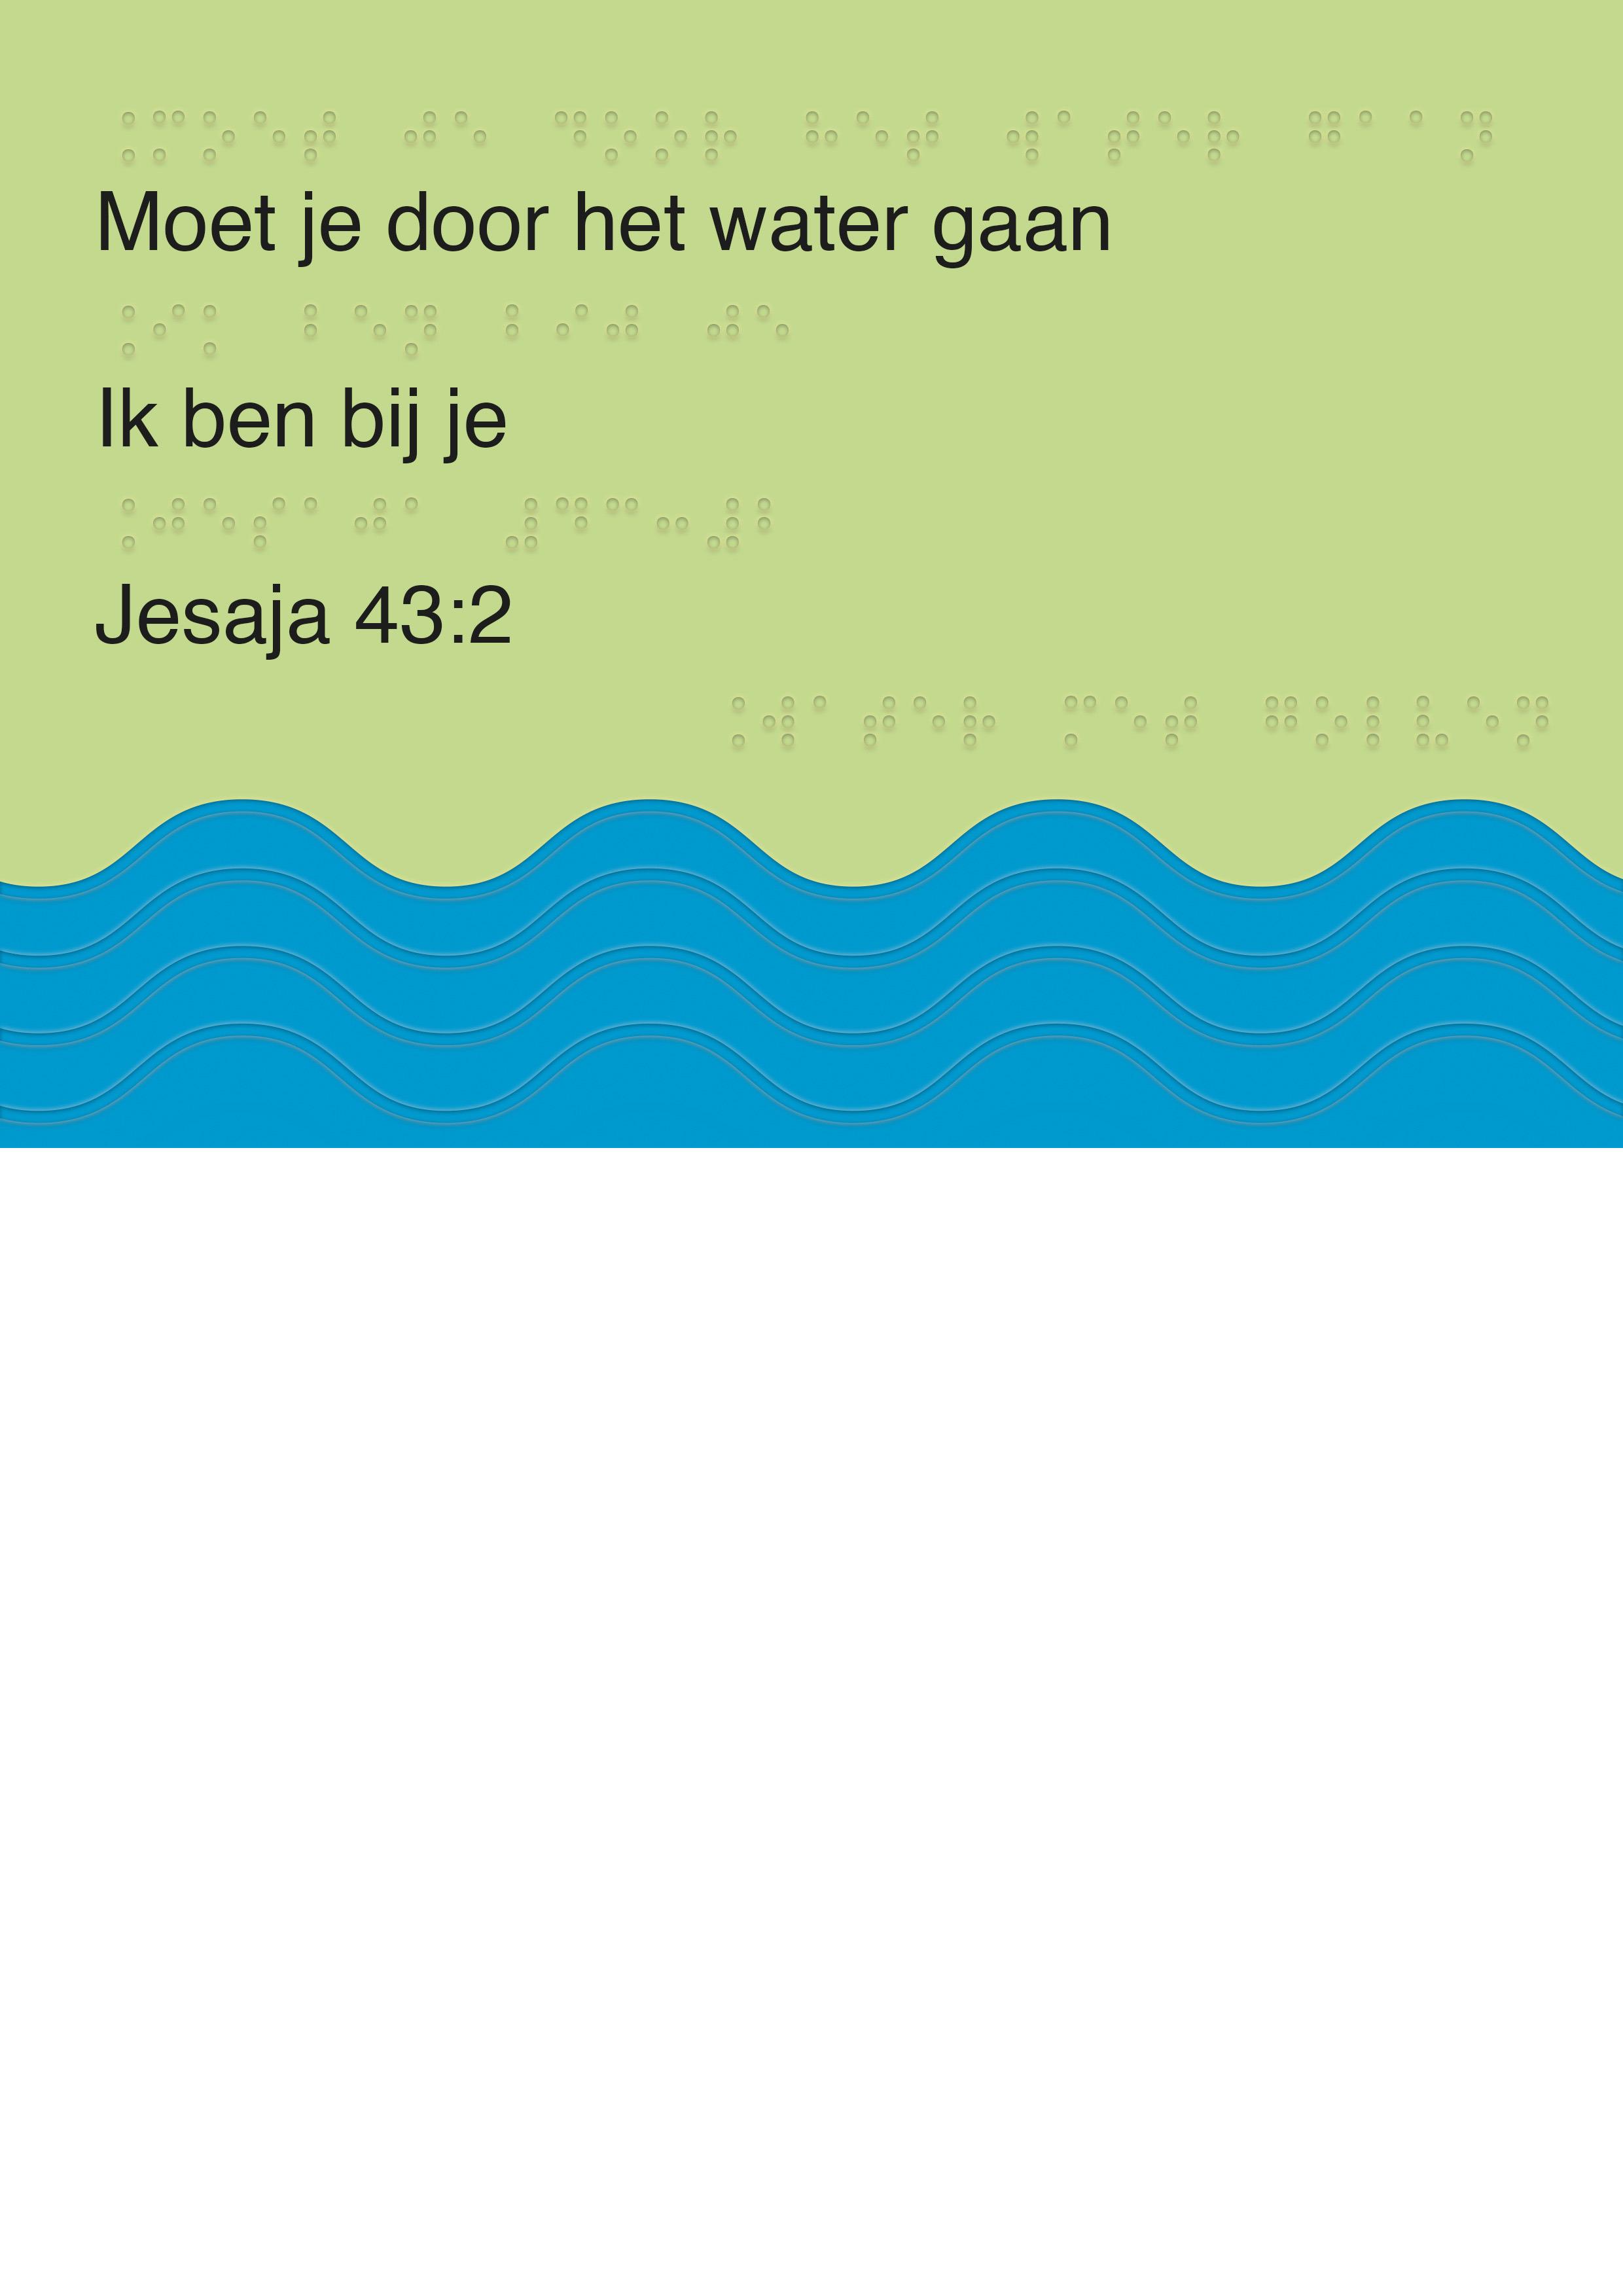 Voelbare wenskaart met braille en reliëf. in braille de tekst: Moet je door het water gaan, Ik ben bij je. Met voelbare afbeelding van golven.